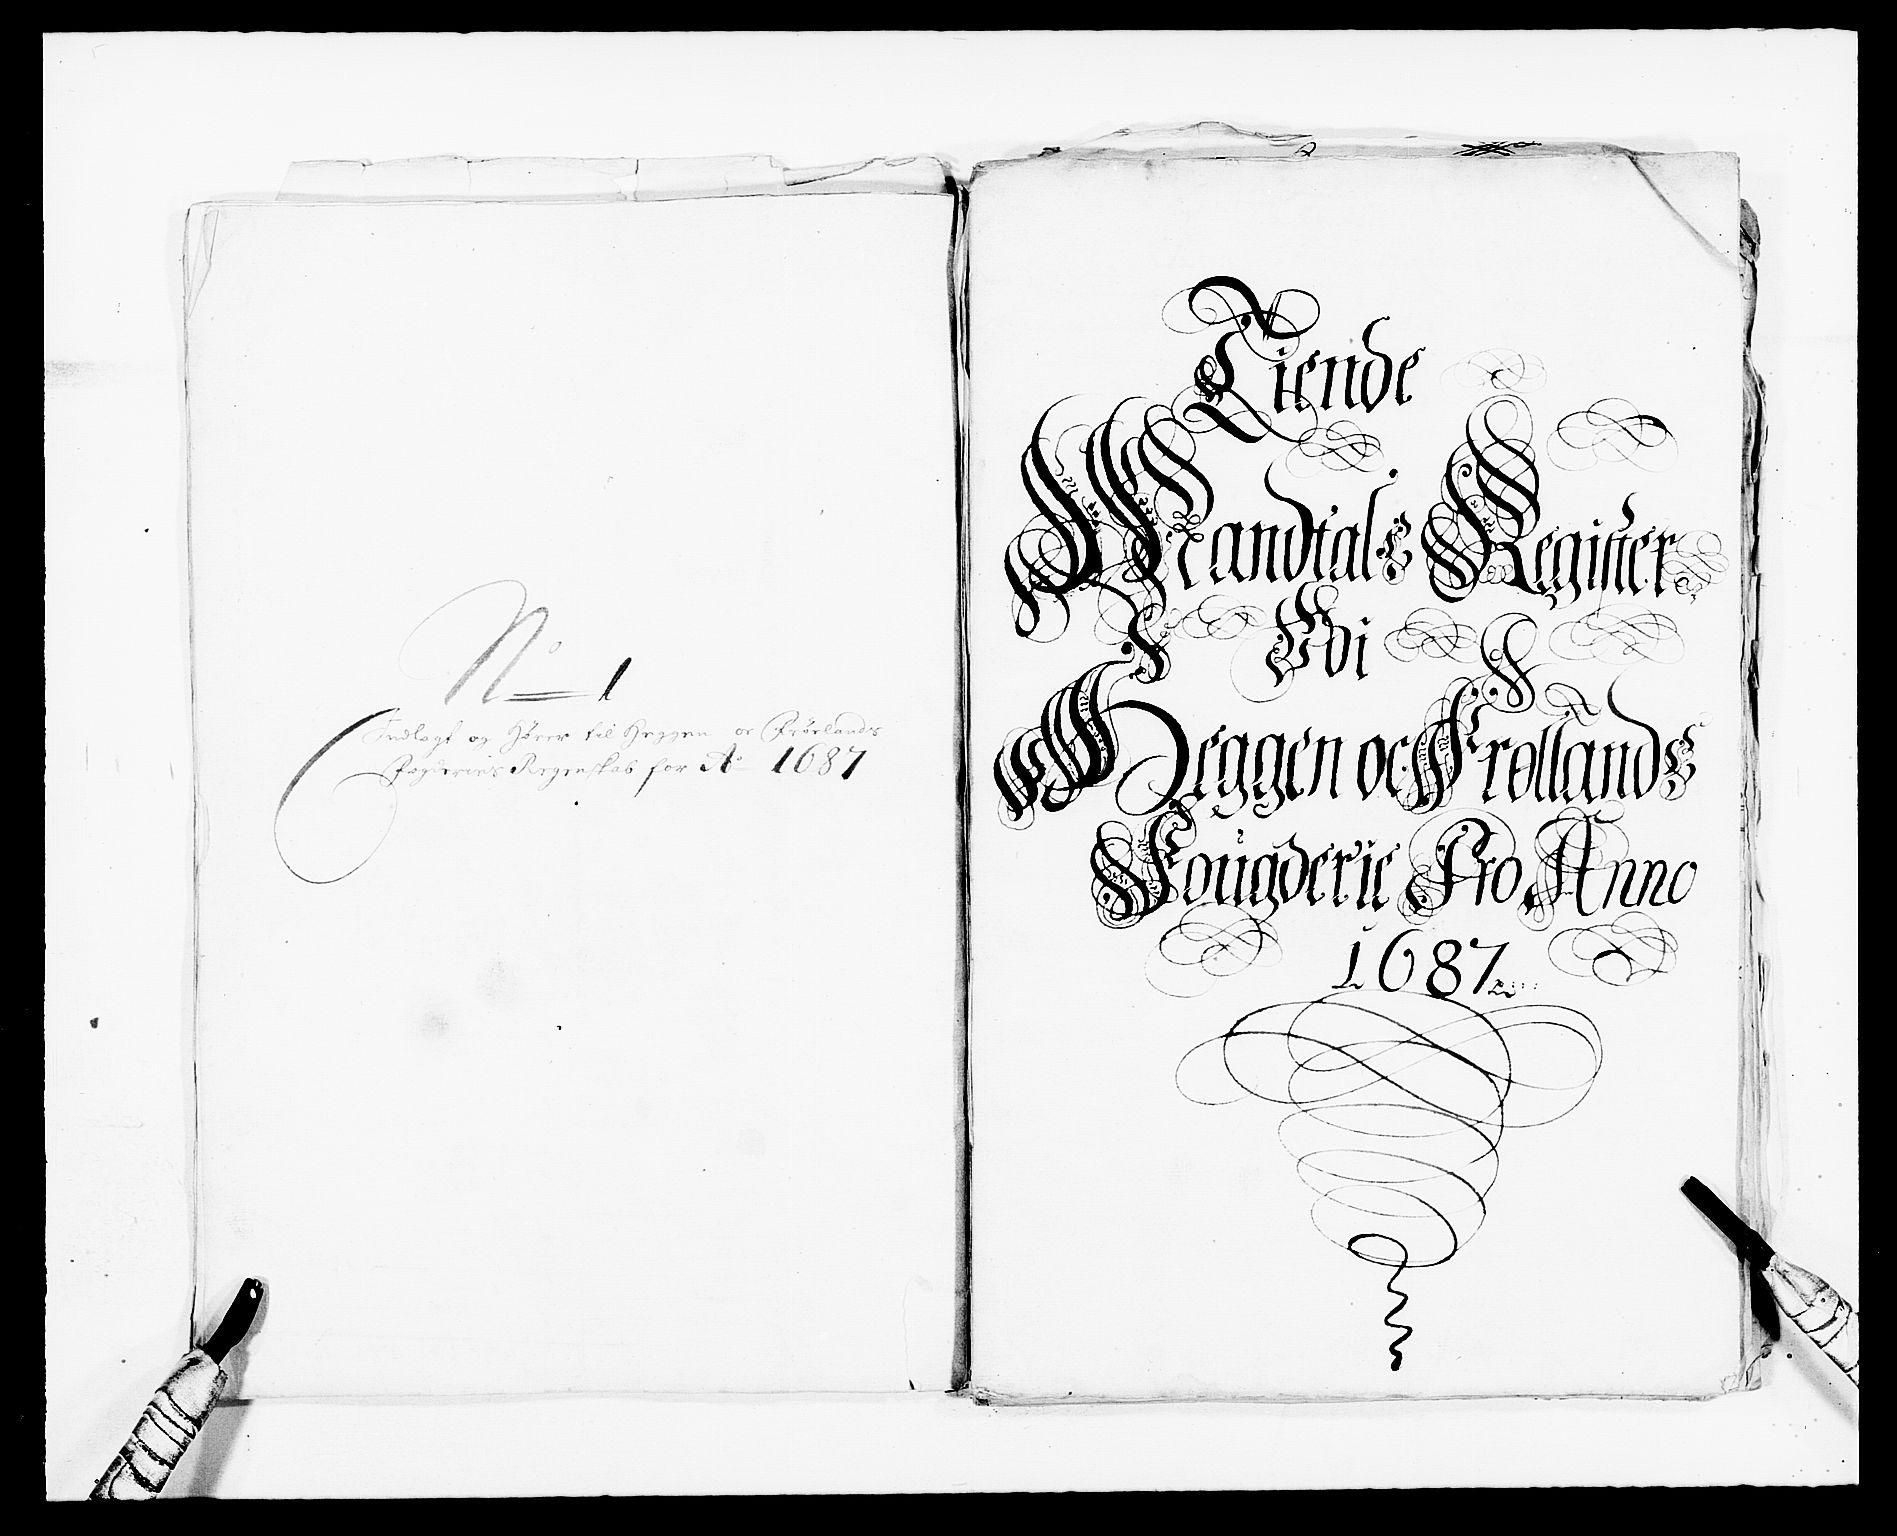 RA, Rentekammeret inntil 1814, Reviderte regnskaper, Fogderegnskap, R06/L0282: Fogderegnskap Heggen og Frøland, 1687-1690, s. 17